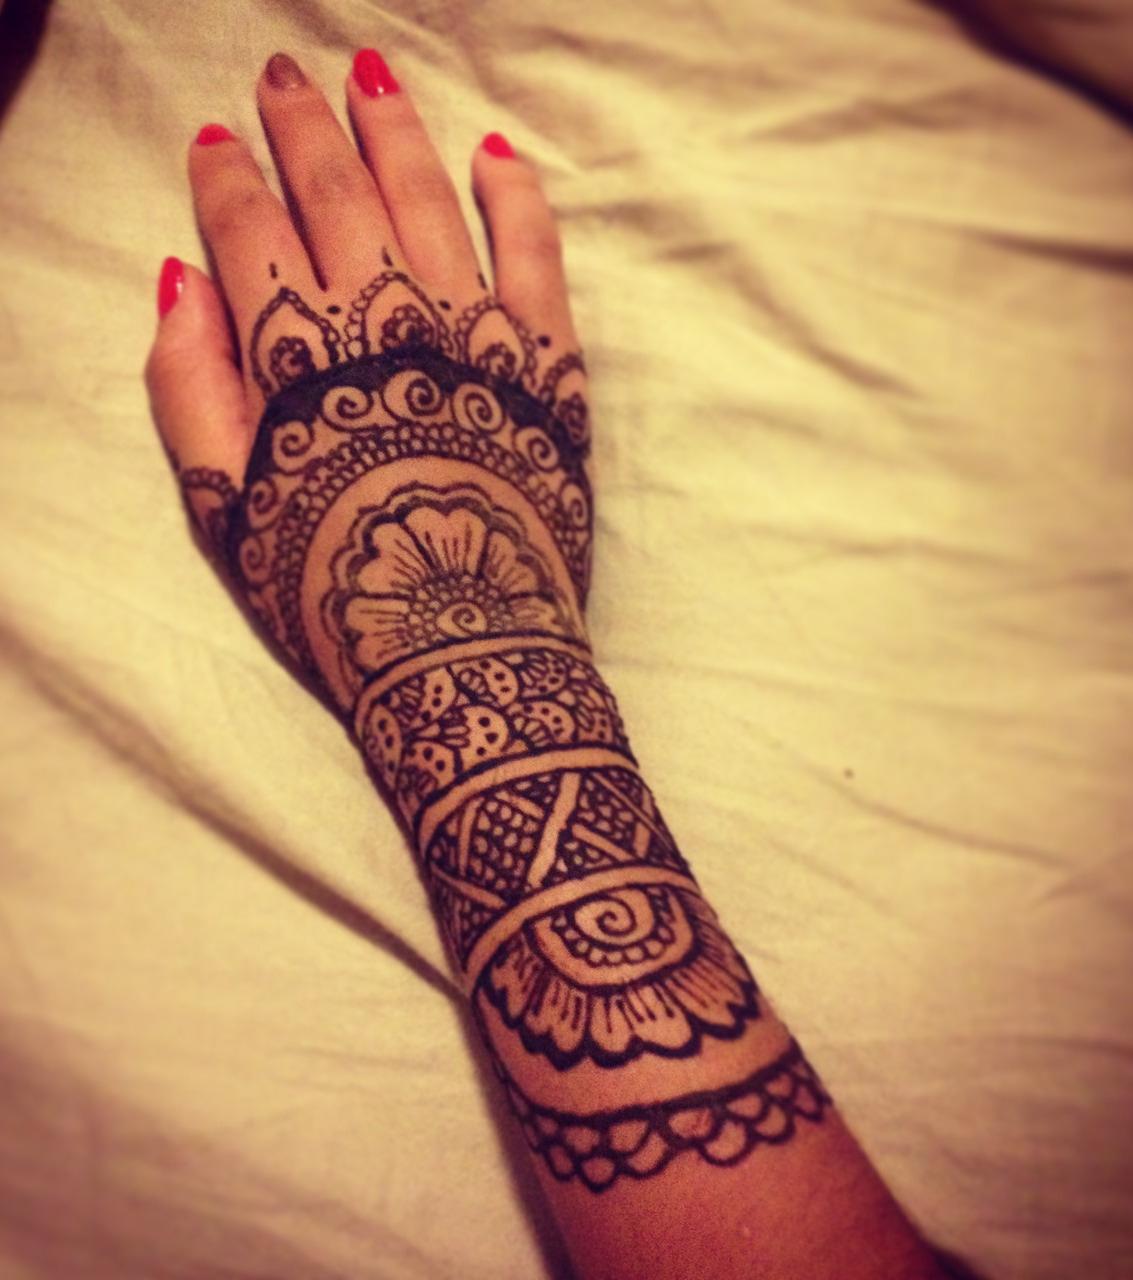 Henna Tattoo Die 20 Schnsten Tattoo Ideen Fr Hand Arm Fu Und regarding dimensions 1133 X 1280